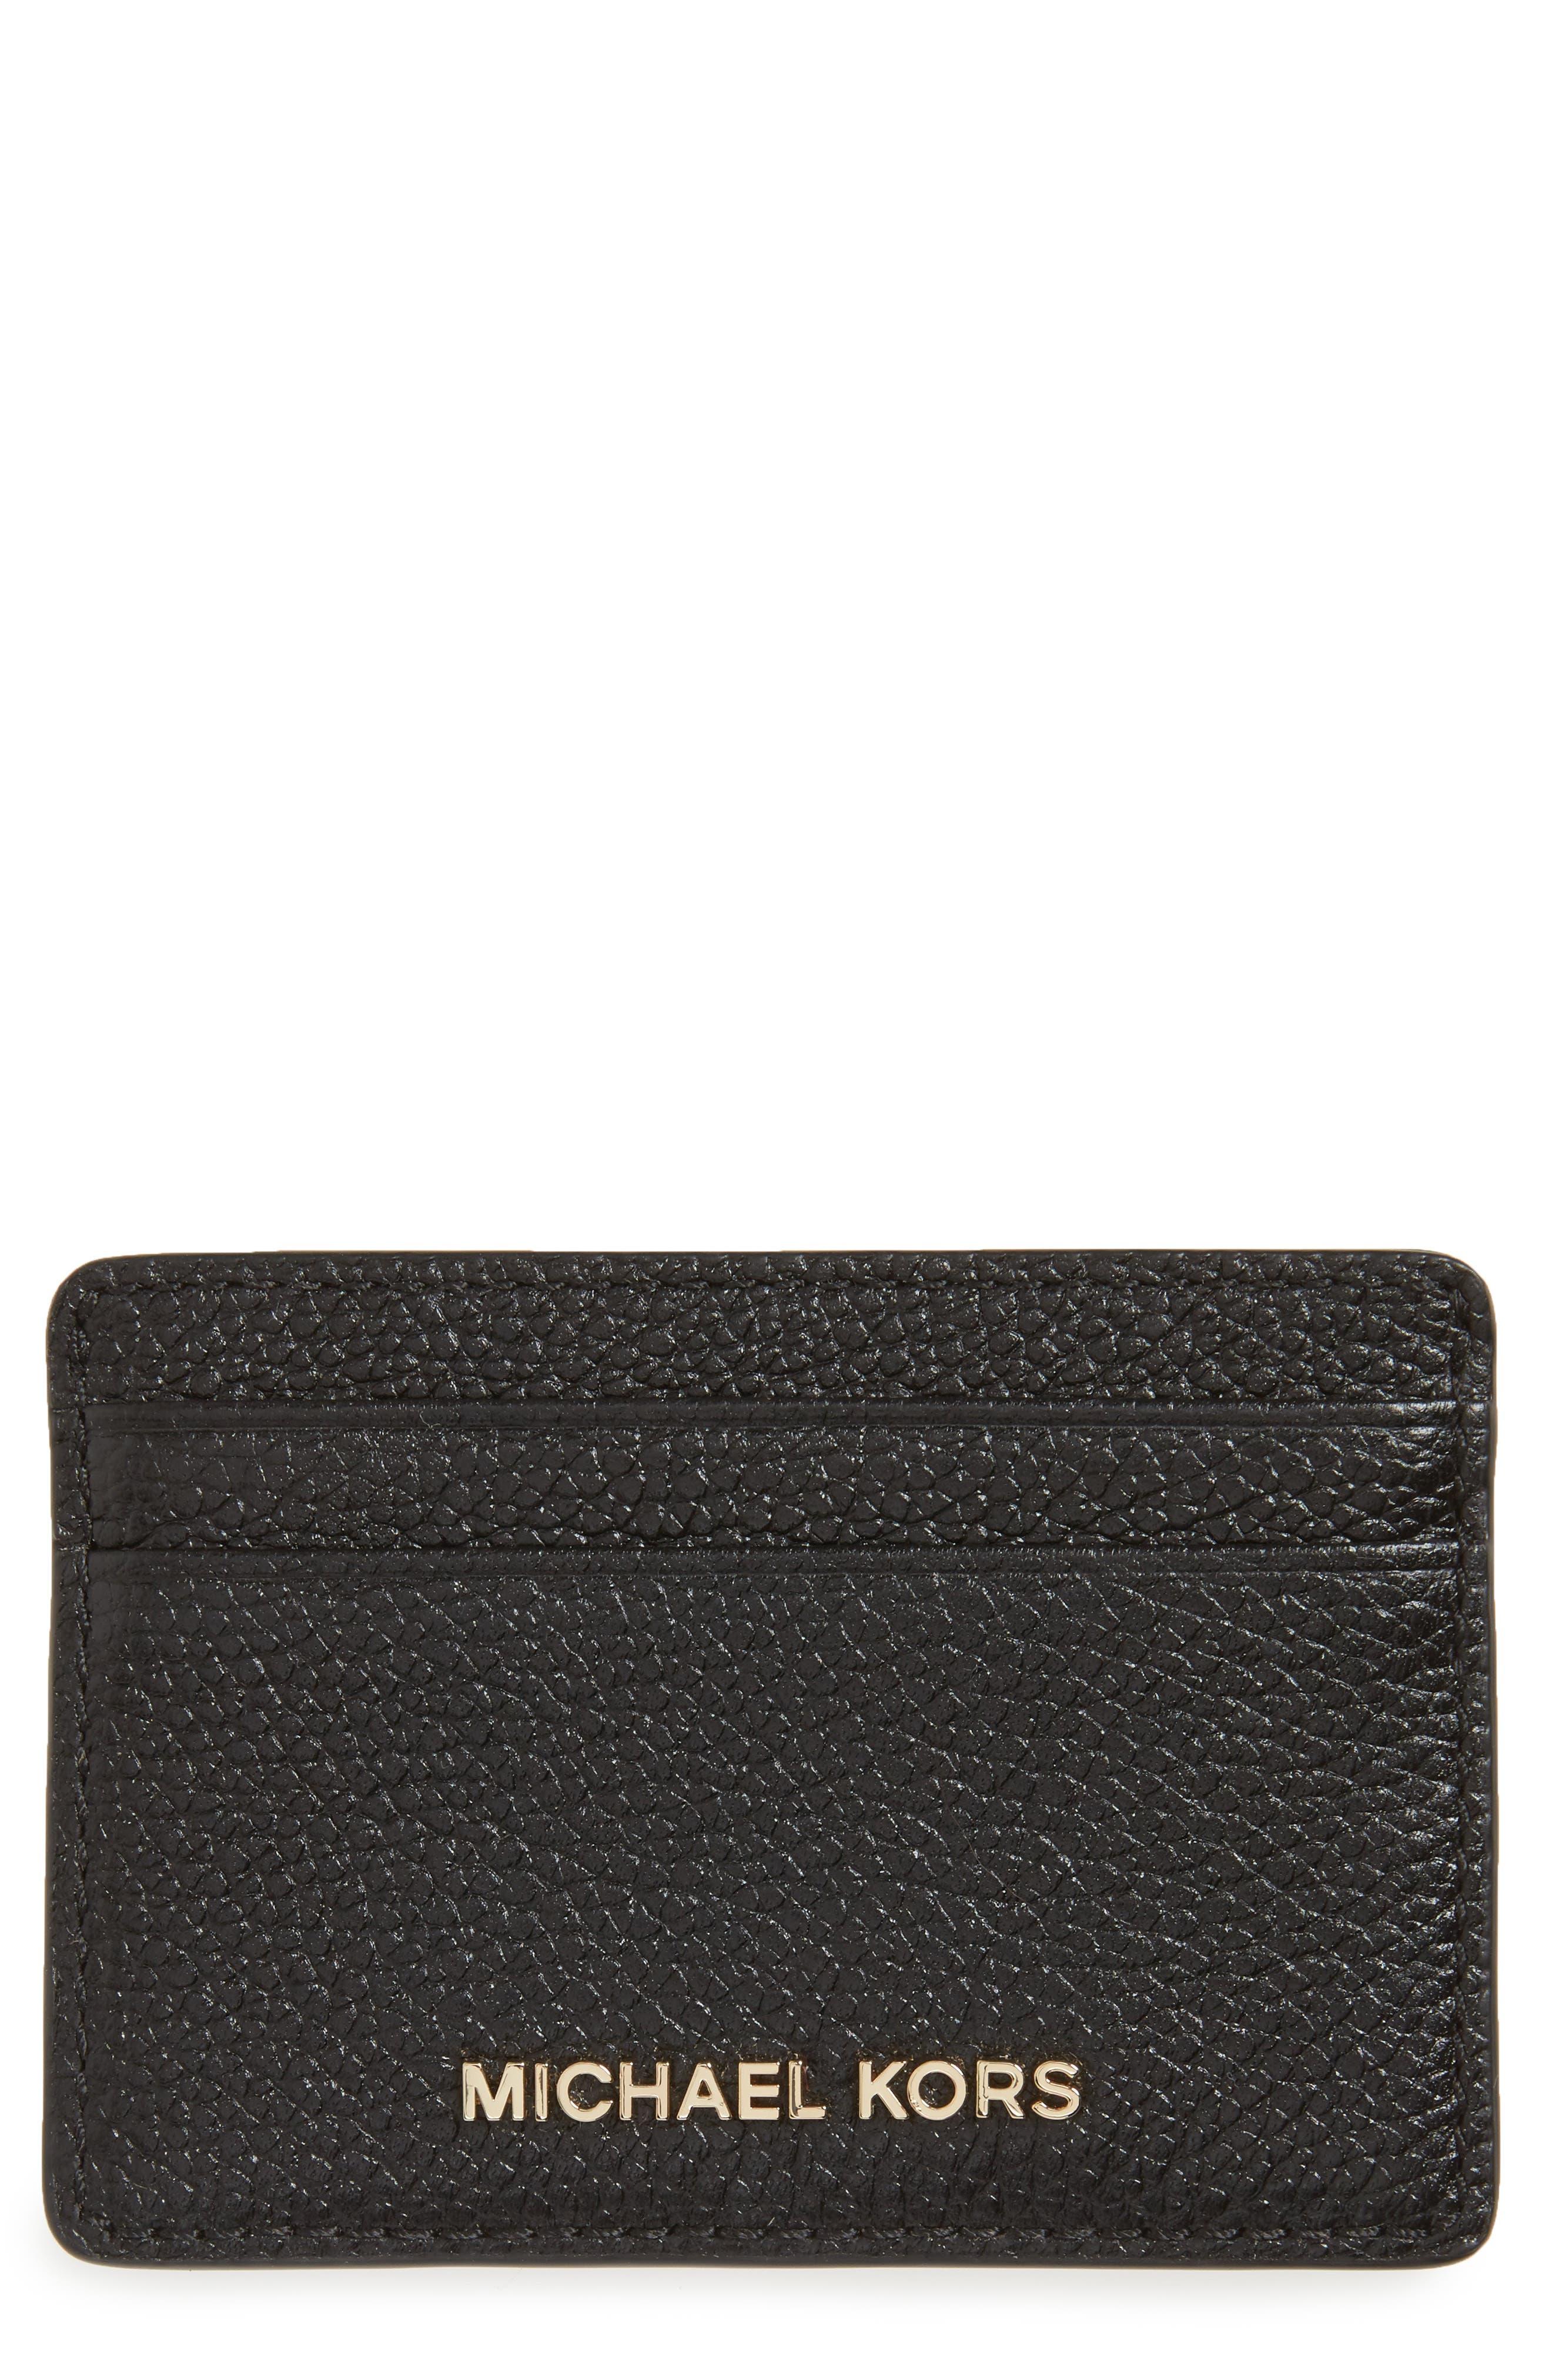 Main Image - MICHAEL Michael Kors Money Pieces Leather Card Case